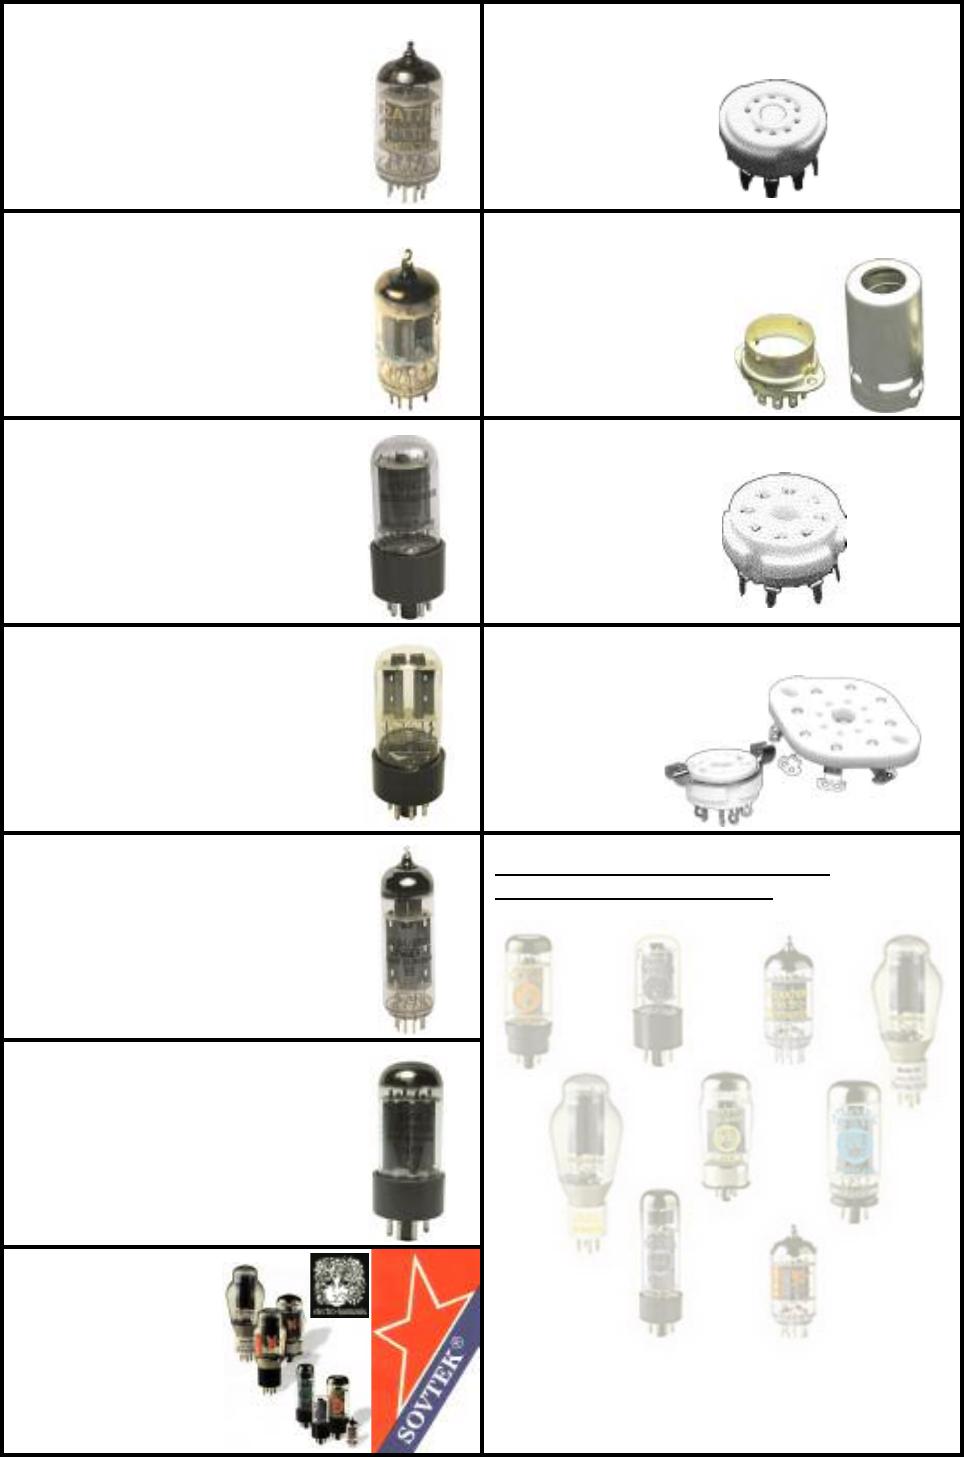 Bd140 Sbd 01 Semiconductors 13w Audio Amplifier Circuit Using Ta8200ah 12at7ecc81 Dualtriodevamp